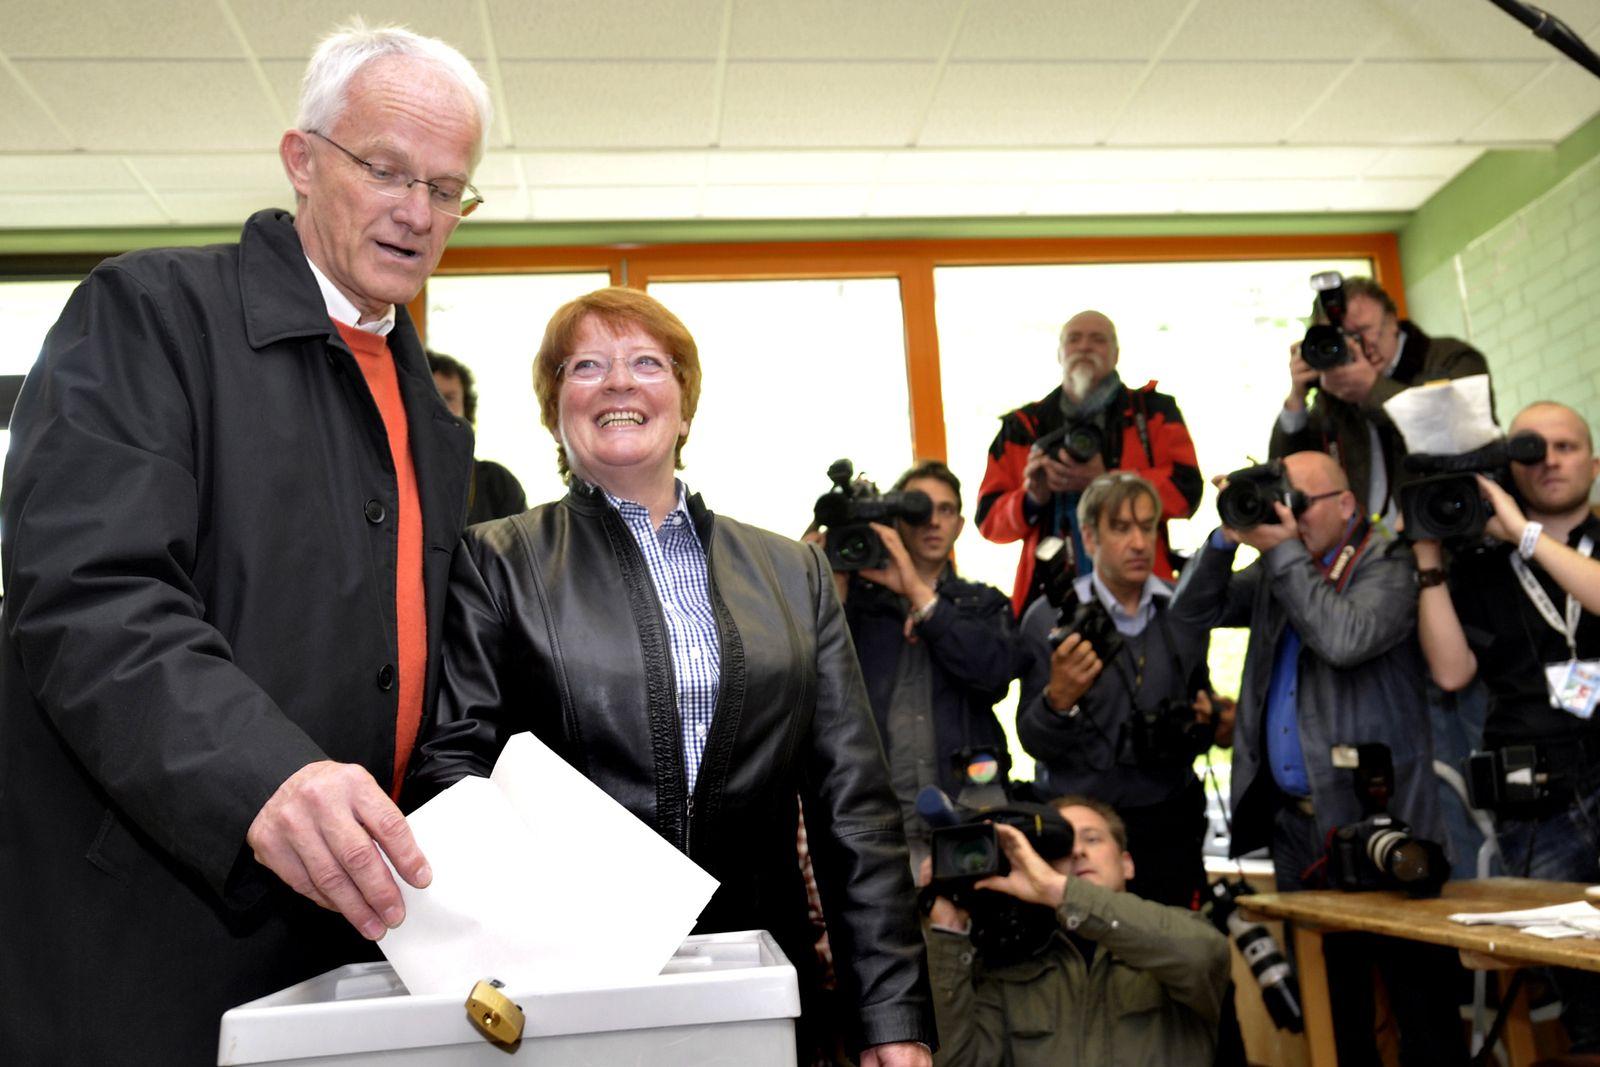 NICHT VERWENDEN Landtagswahl in Nordrhein-Westfalen